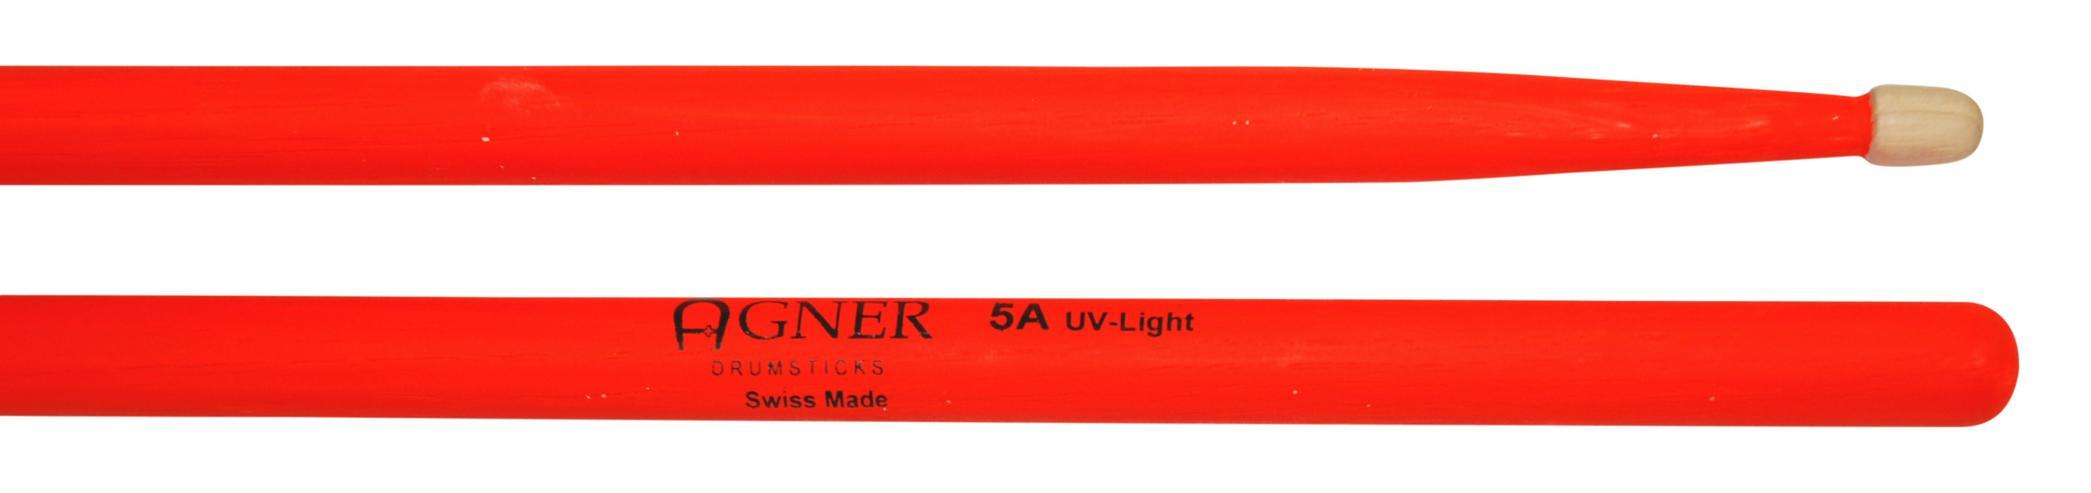 Bild 6: Agner Drumsticks UV Serie